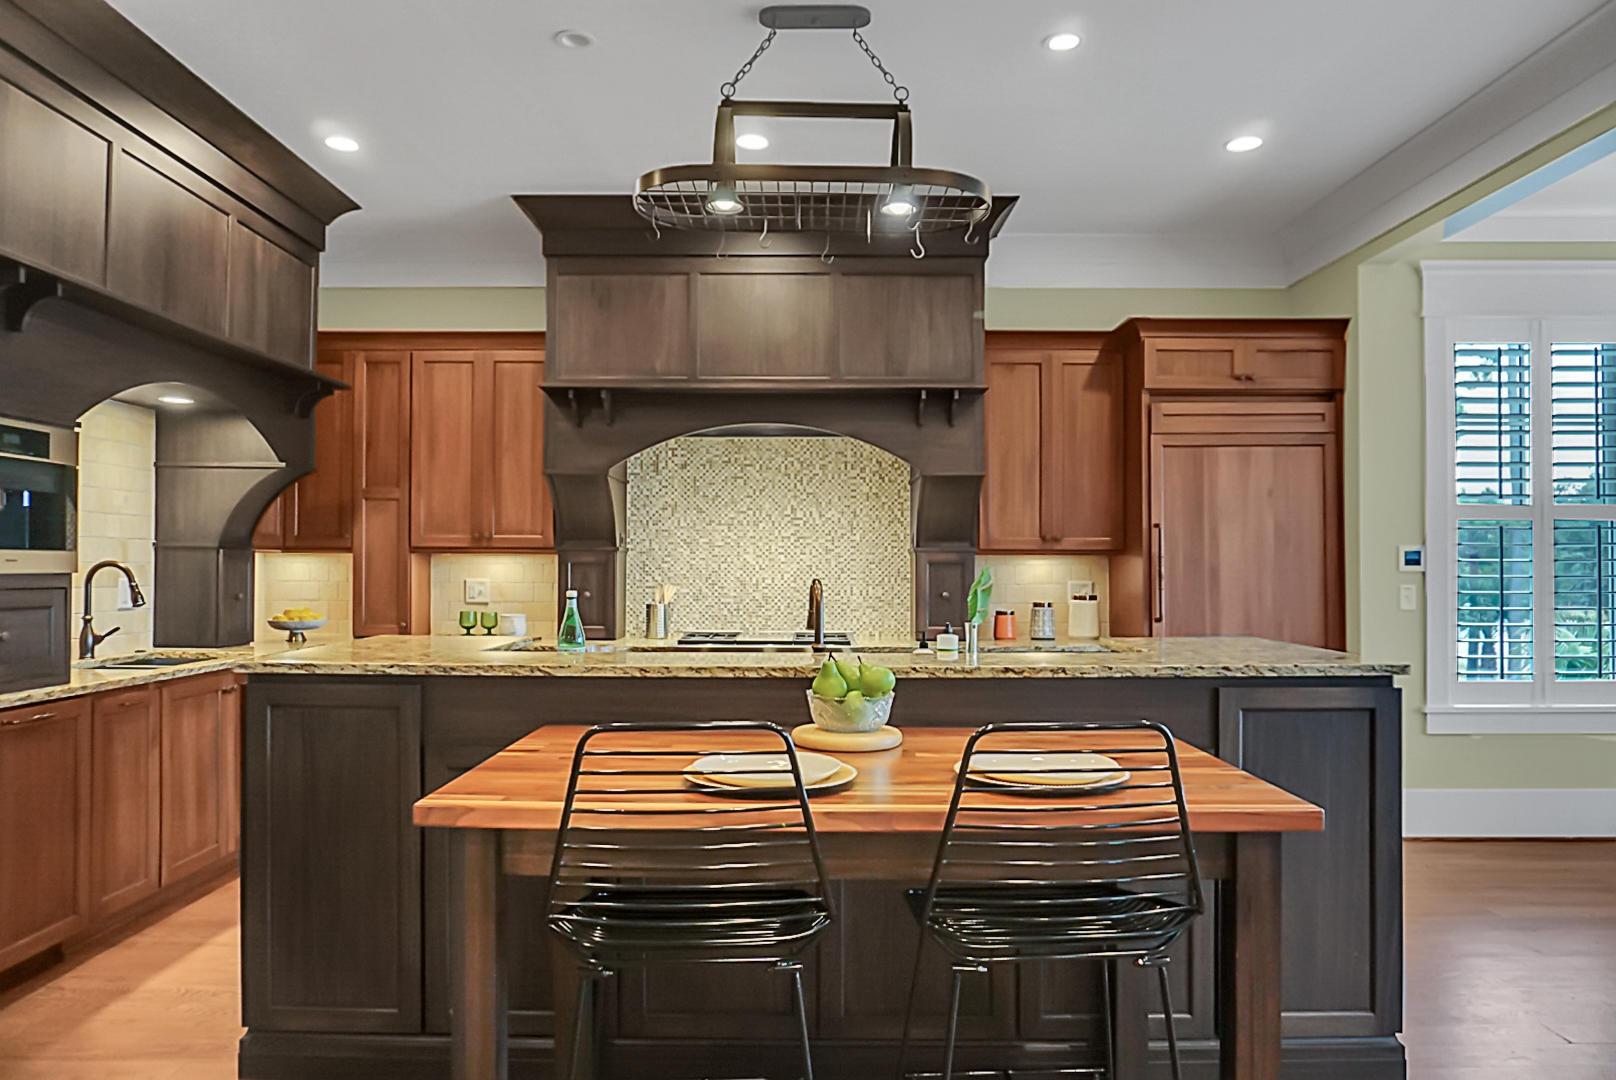 Dunes West Homes For Sale - 2978 River Vista, Mount Pleasant, SC - 88